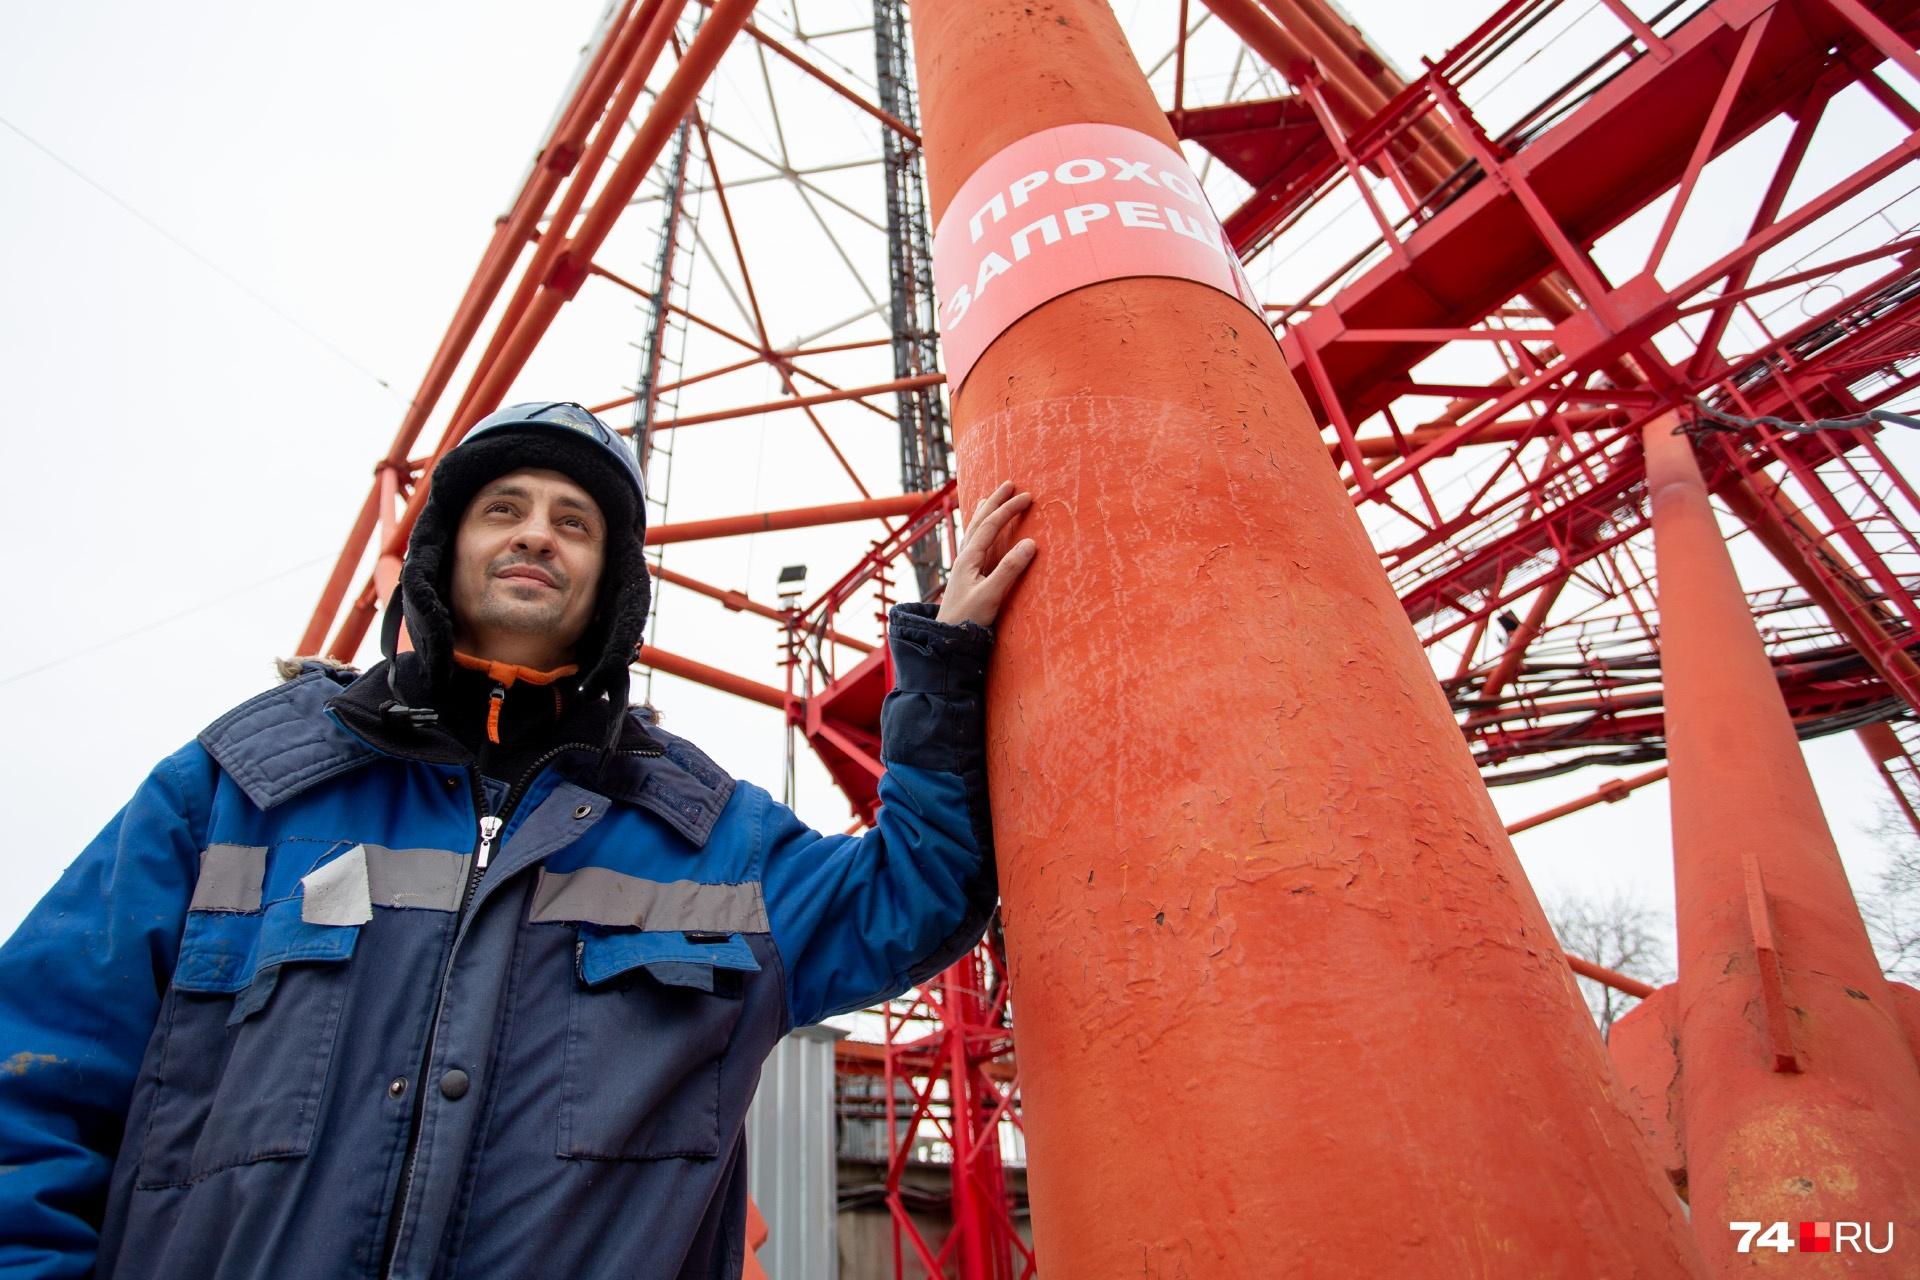 Инженеры знают, как выглядит Челябинск с высоты птичьего полёта